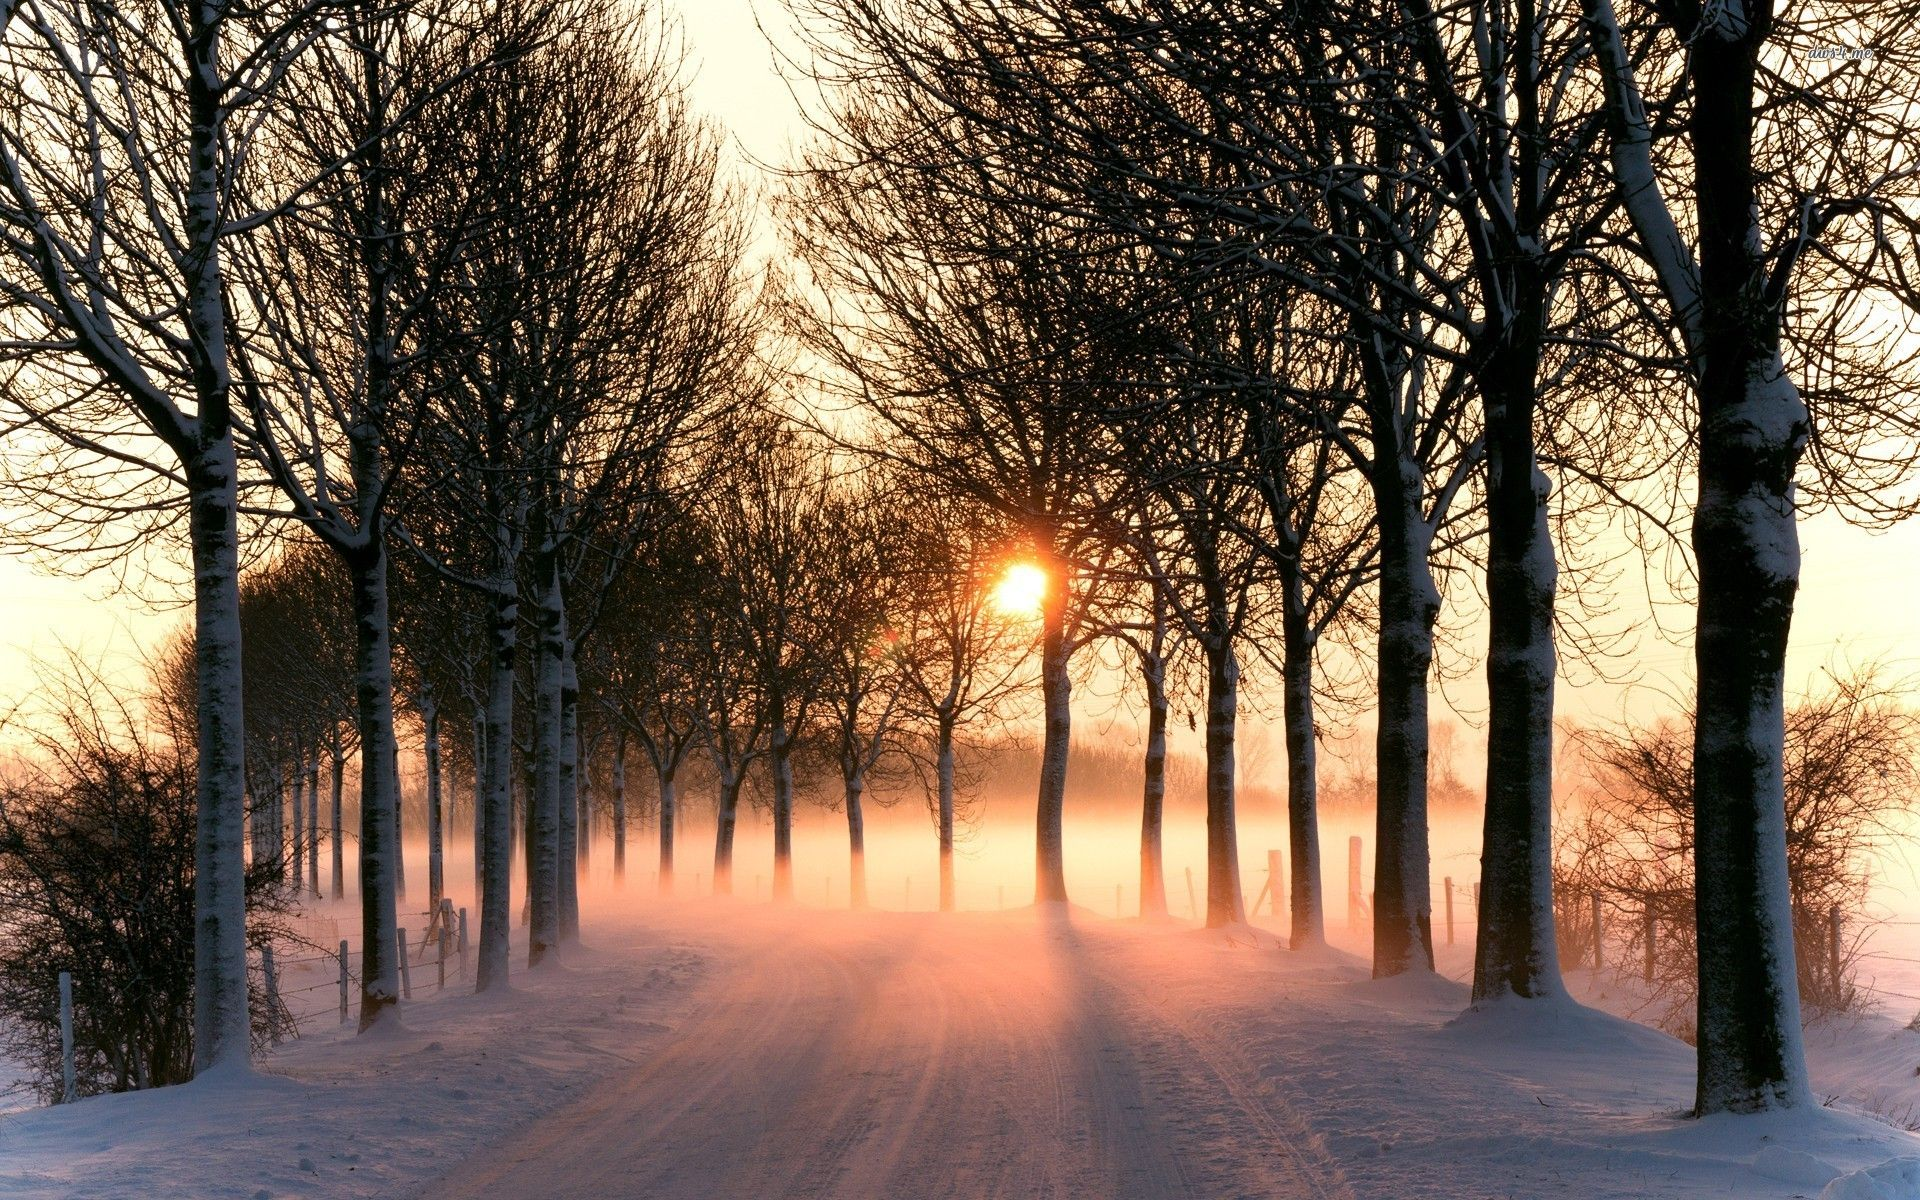 Winter Sun Hd Desktop Wallpaper High Definition Fullscreen